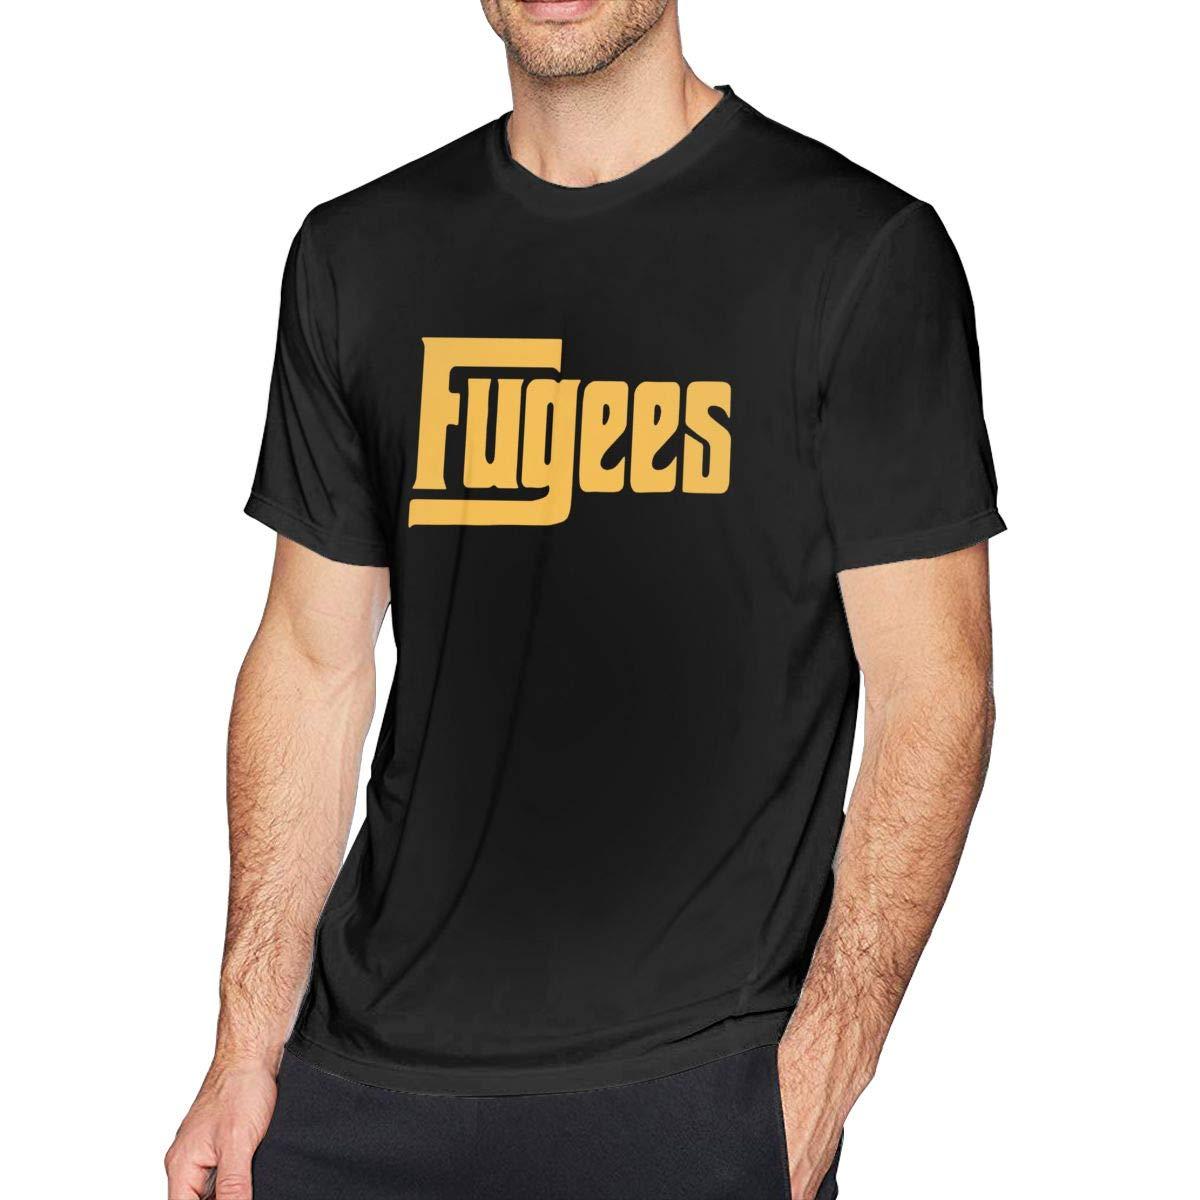 Asdones S Lauryn Fugeela Hill Tee Tshirt Black